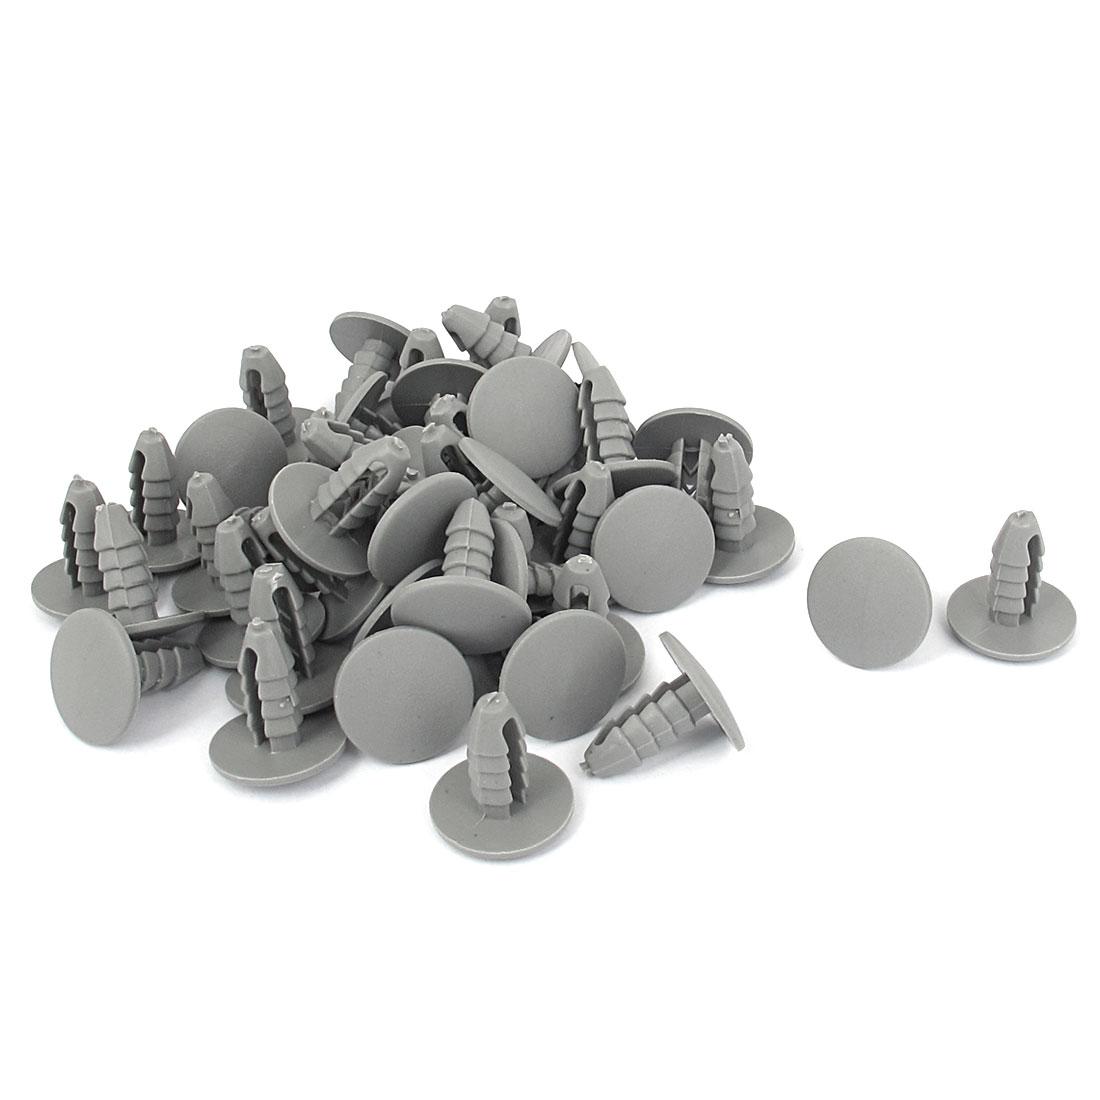 50pcs 8mm Hole Gray Plastic Car Door Fender Bumper Push Rivets Fasteners Retainer Clip